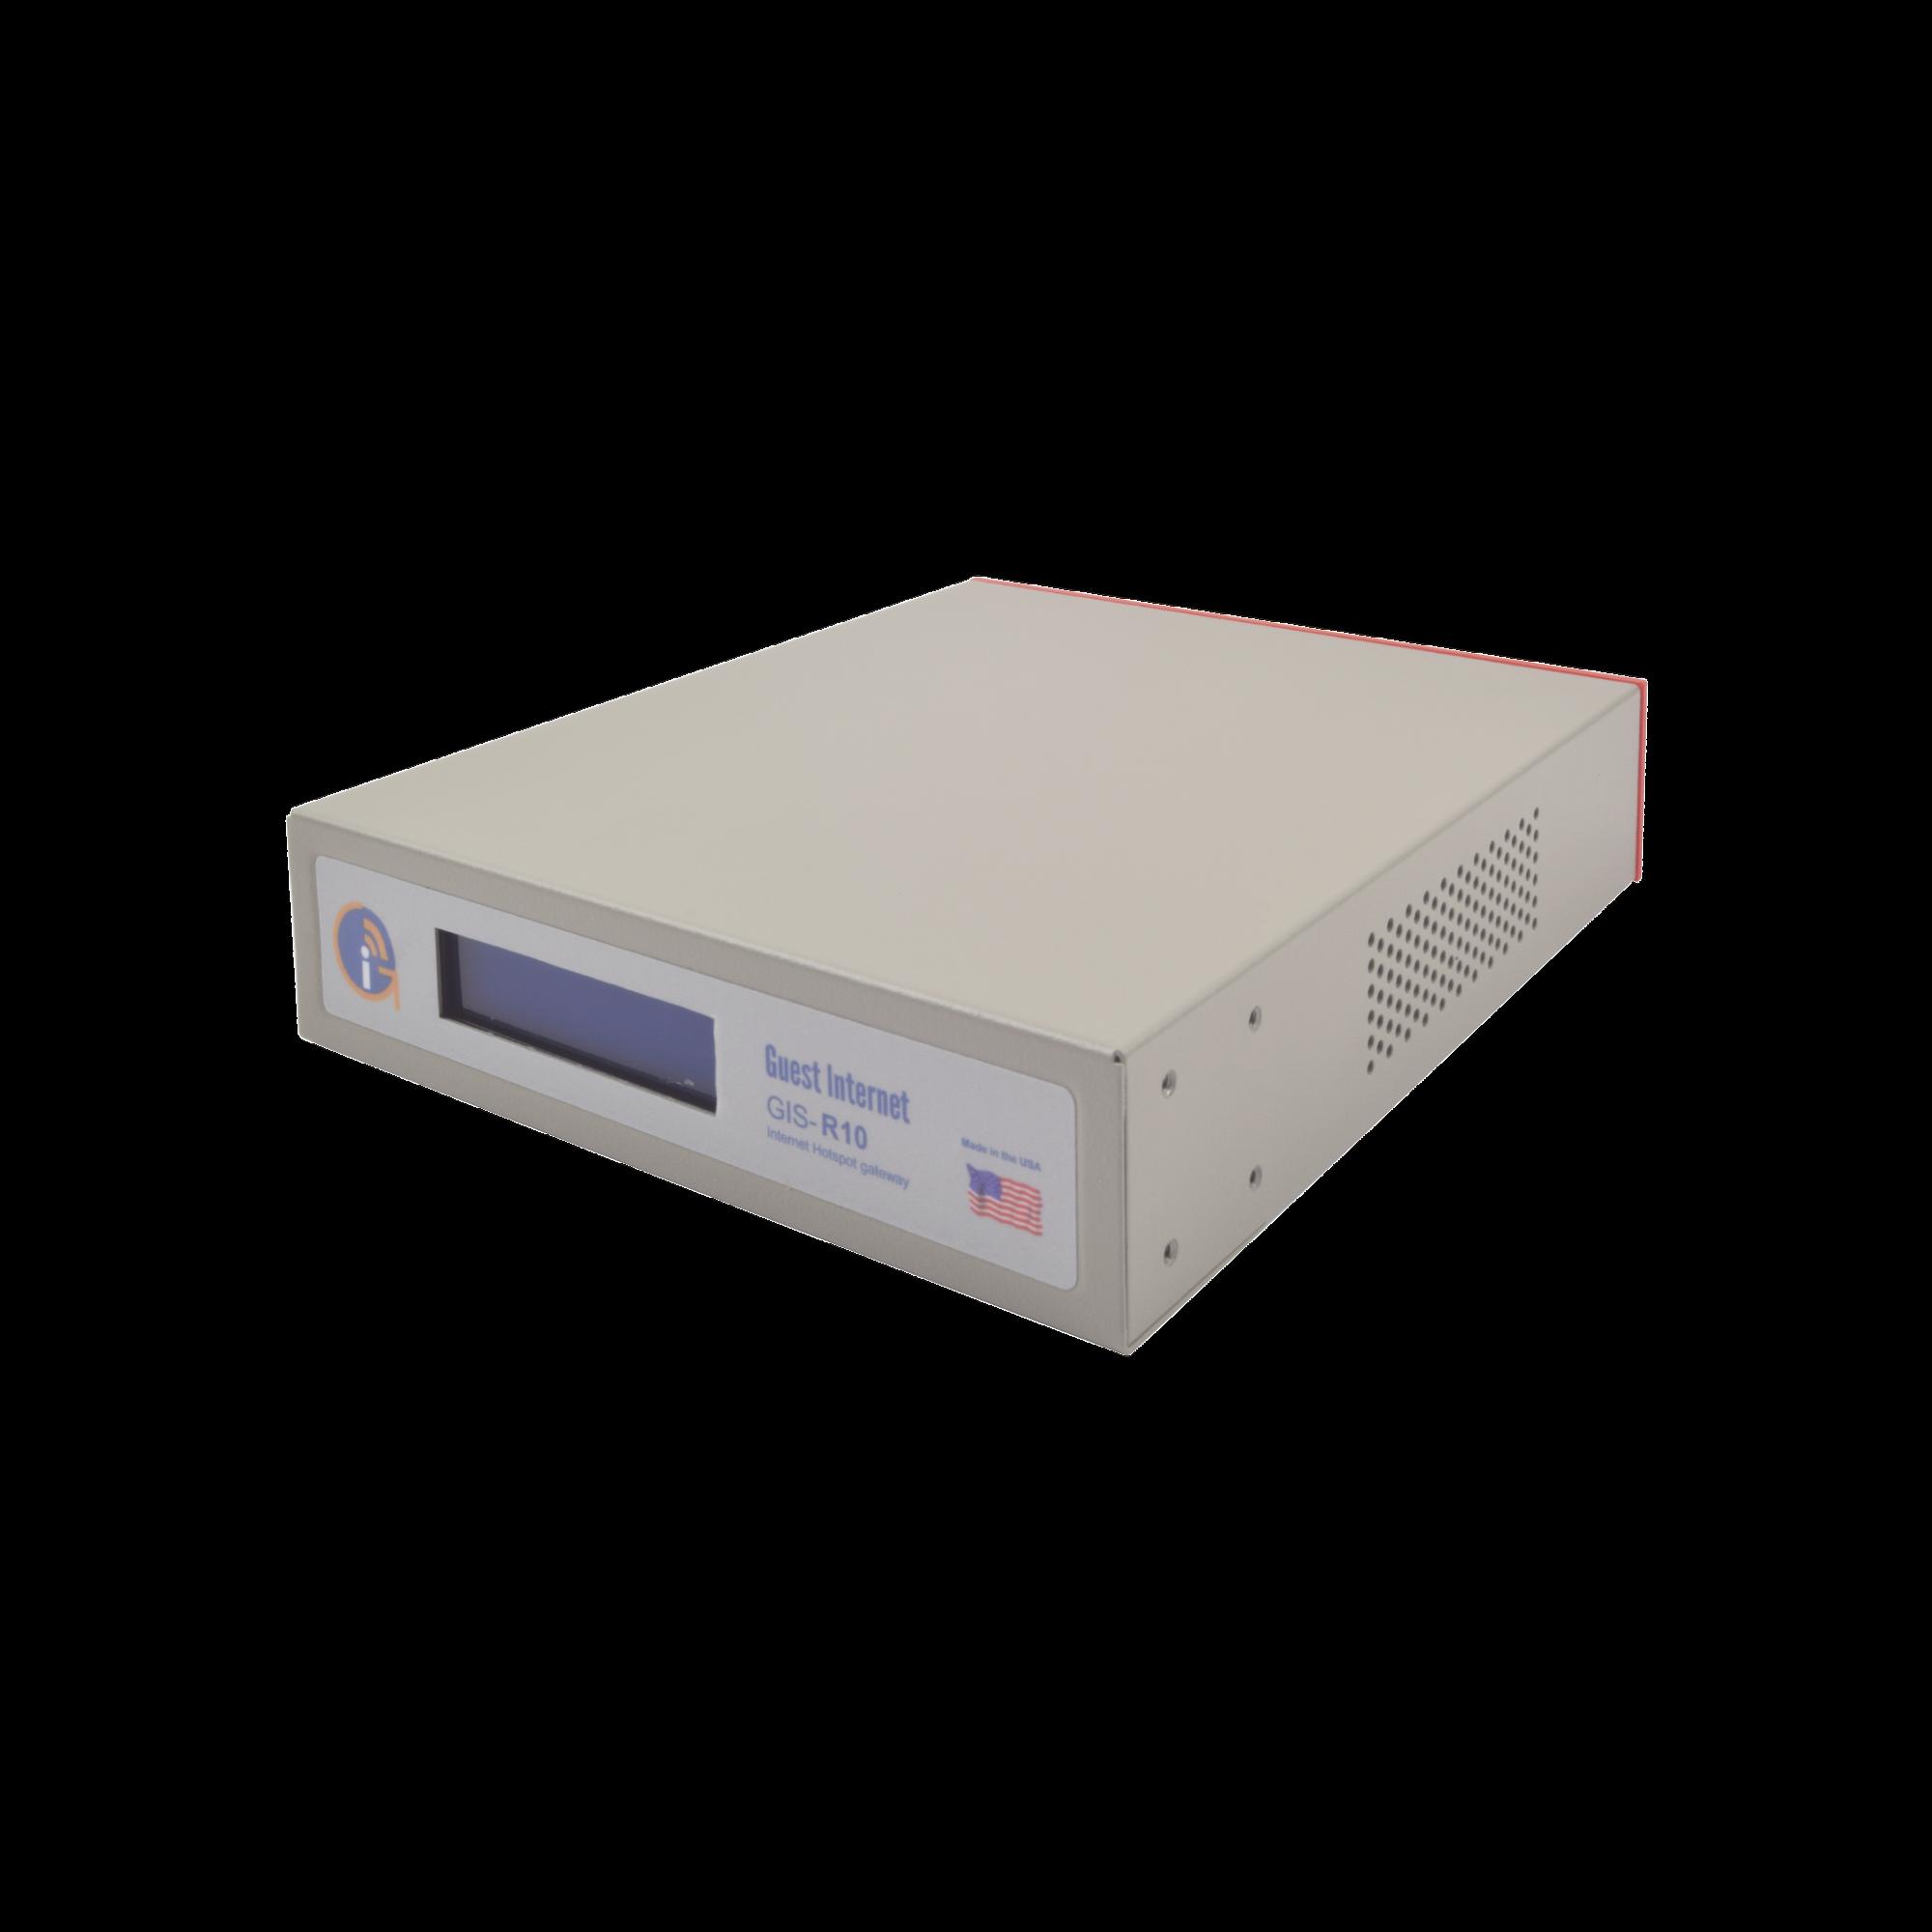 Hotspot con capacidad de hasta 250 usuarios concurrentes, un Throughput de 100 Mbps y configuración sencilla y rápida